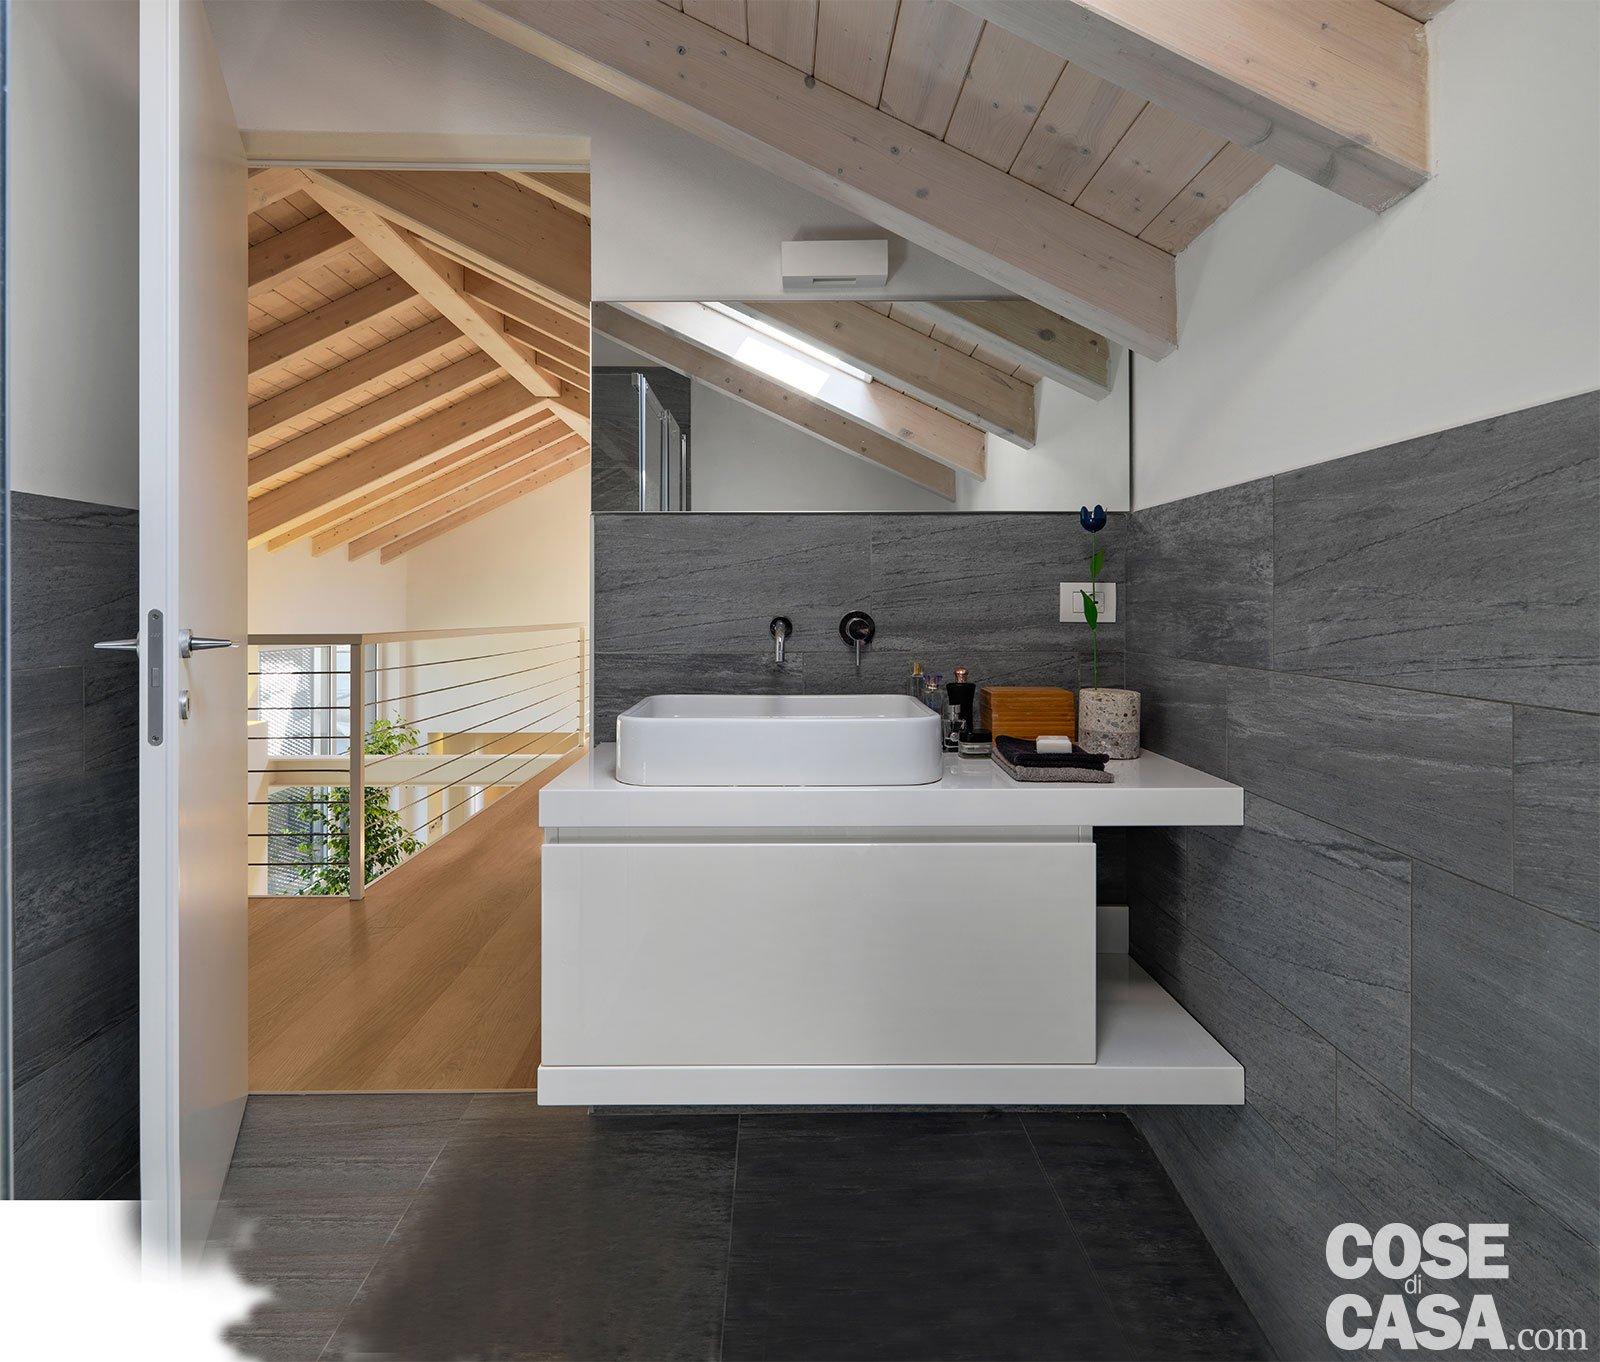 Loft una casa sottotetto a doppia altezza cose di casa for Sottotetto in legno